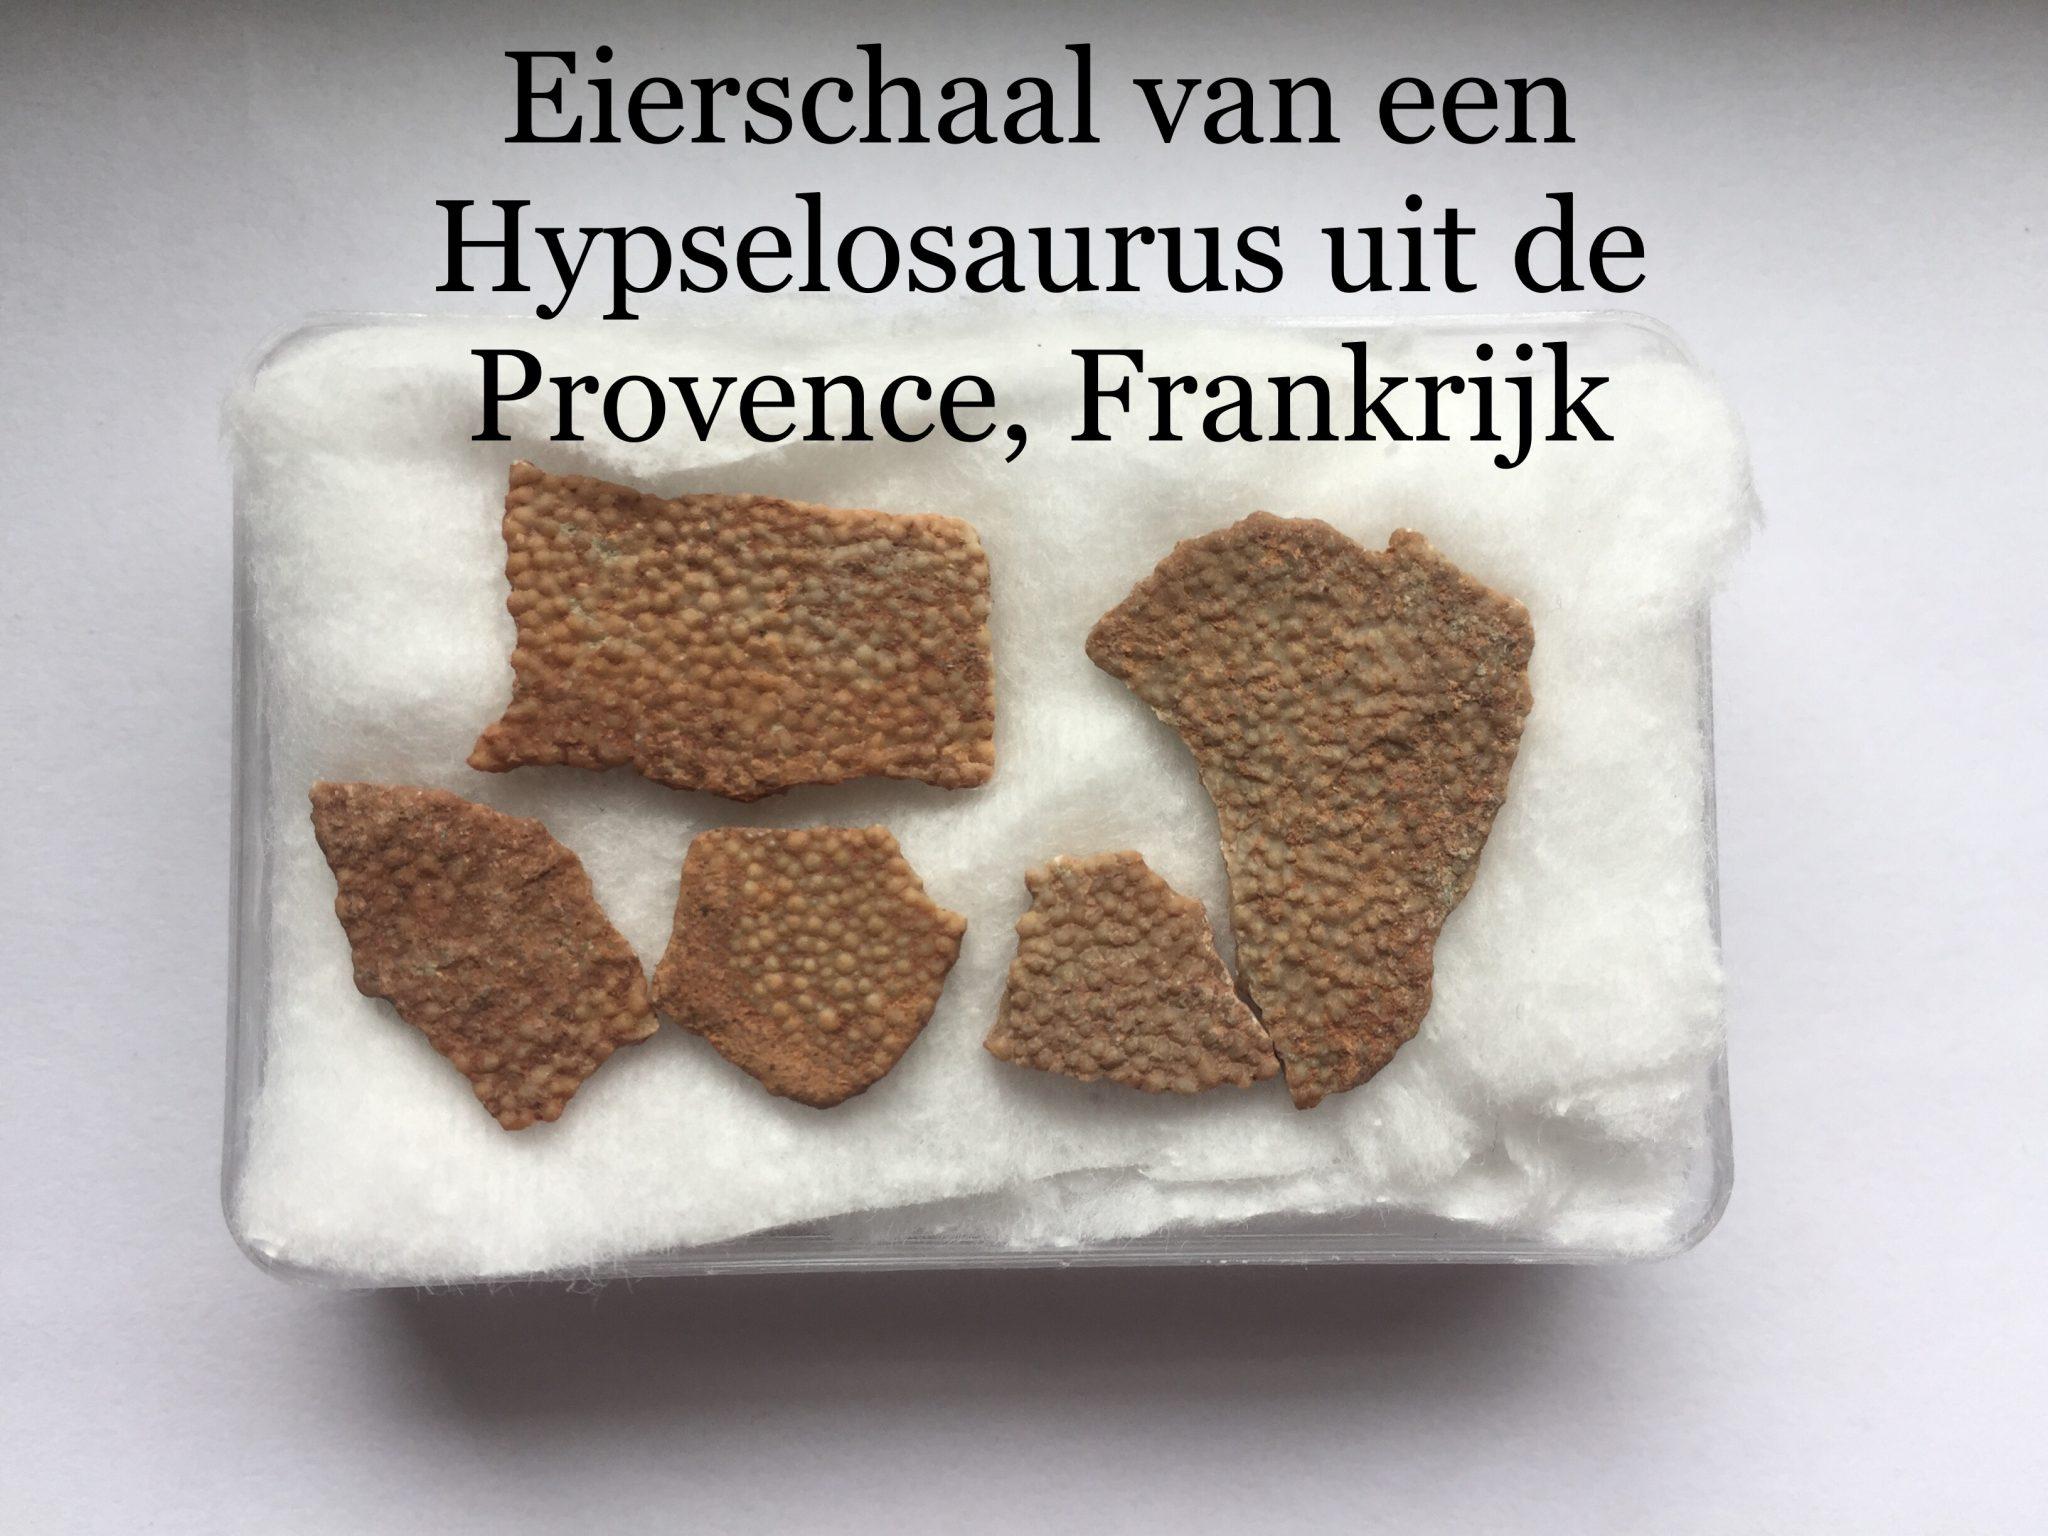 Hypselosaurus eierschaal fragement